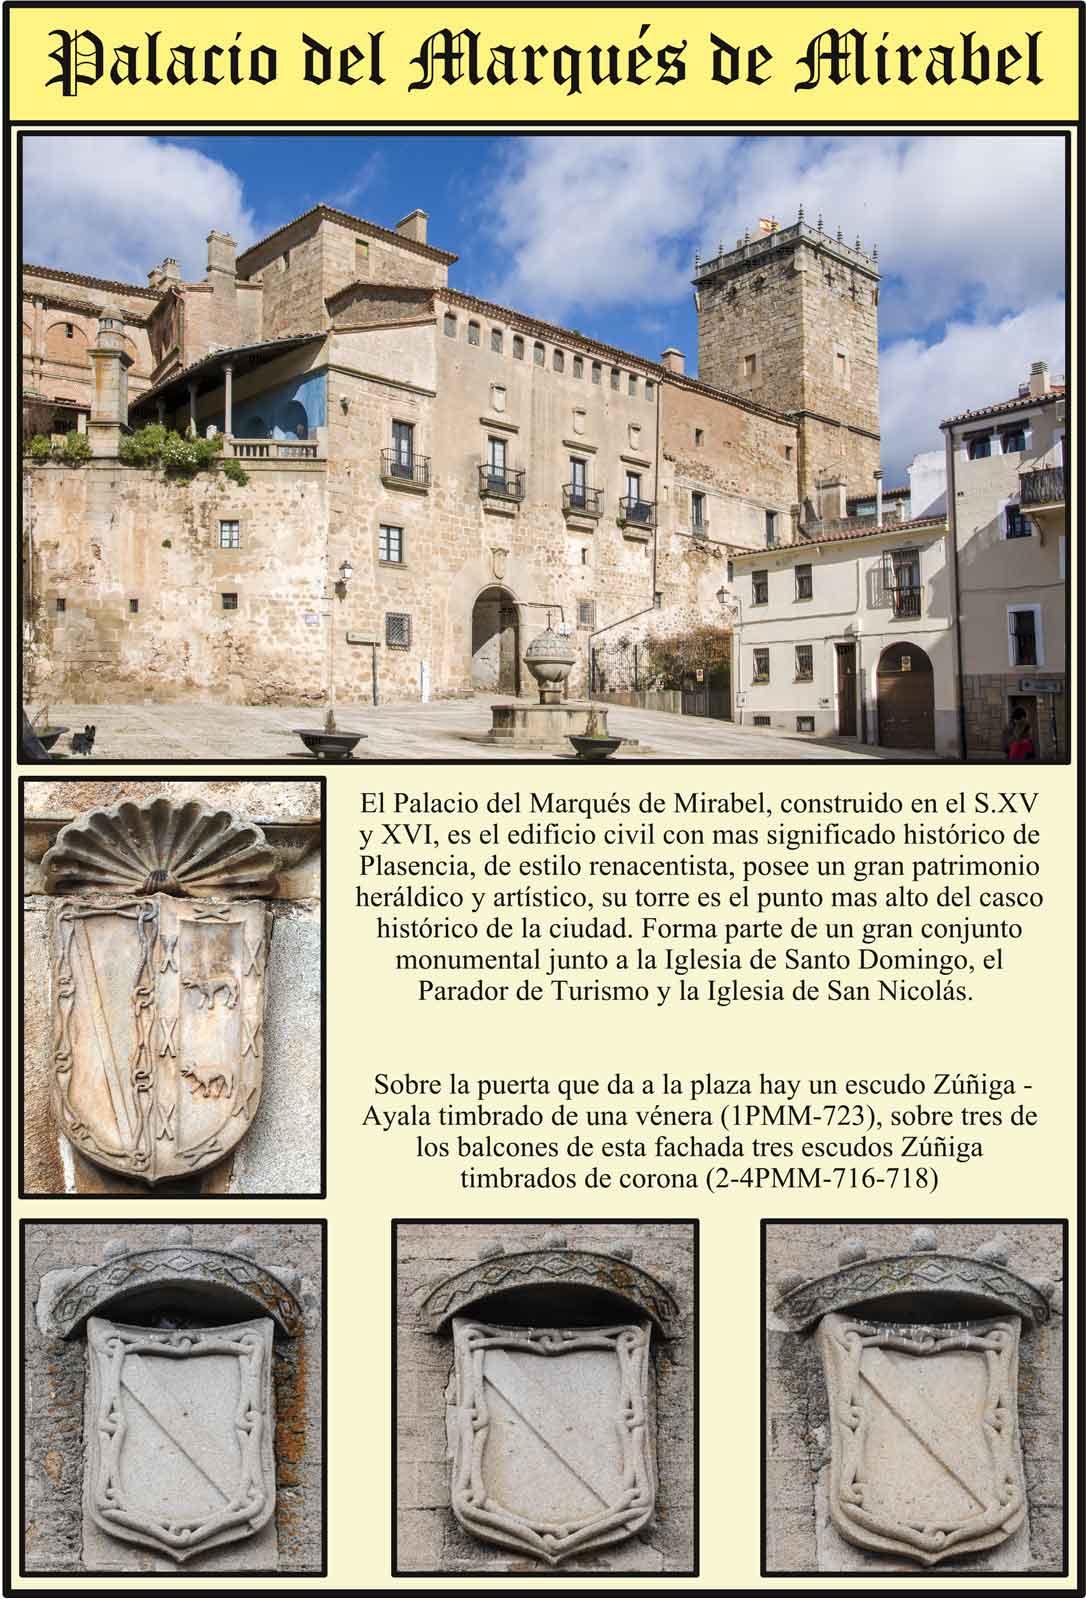 Palacio del Marques de Mirabel Escudos Zúñiga de la fachada  a la plaza de San Nicolás